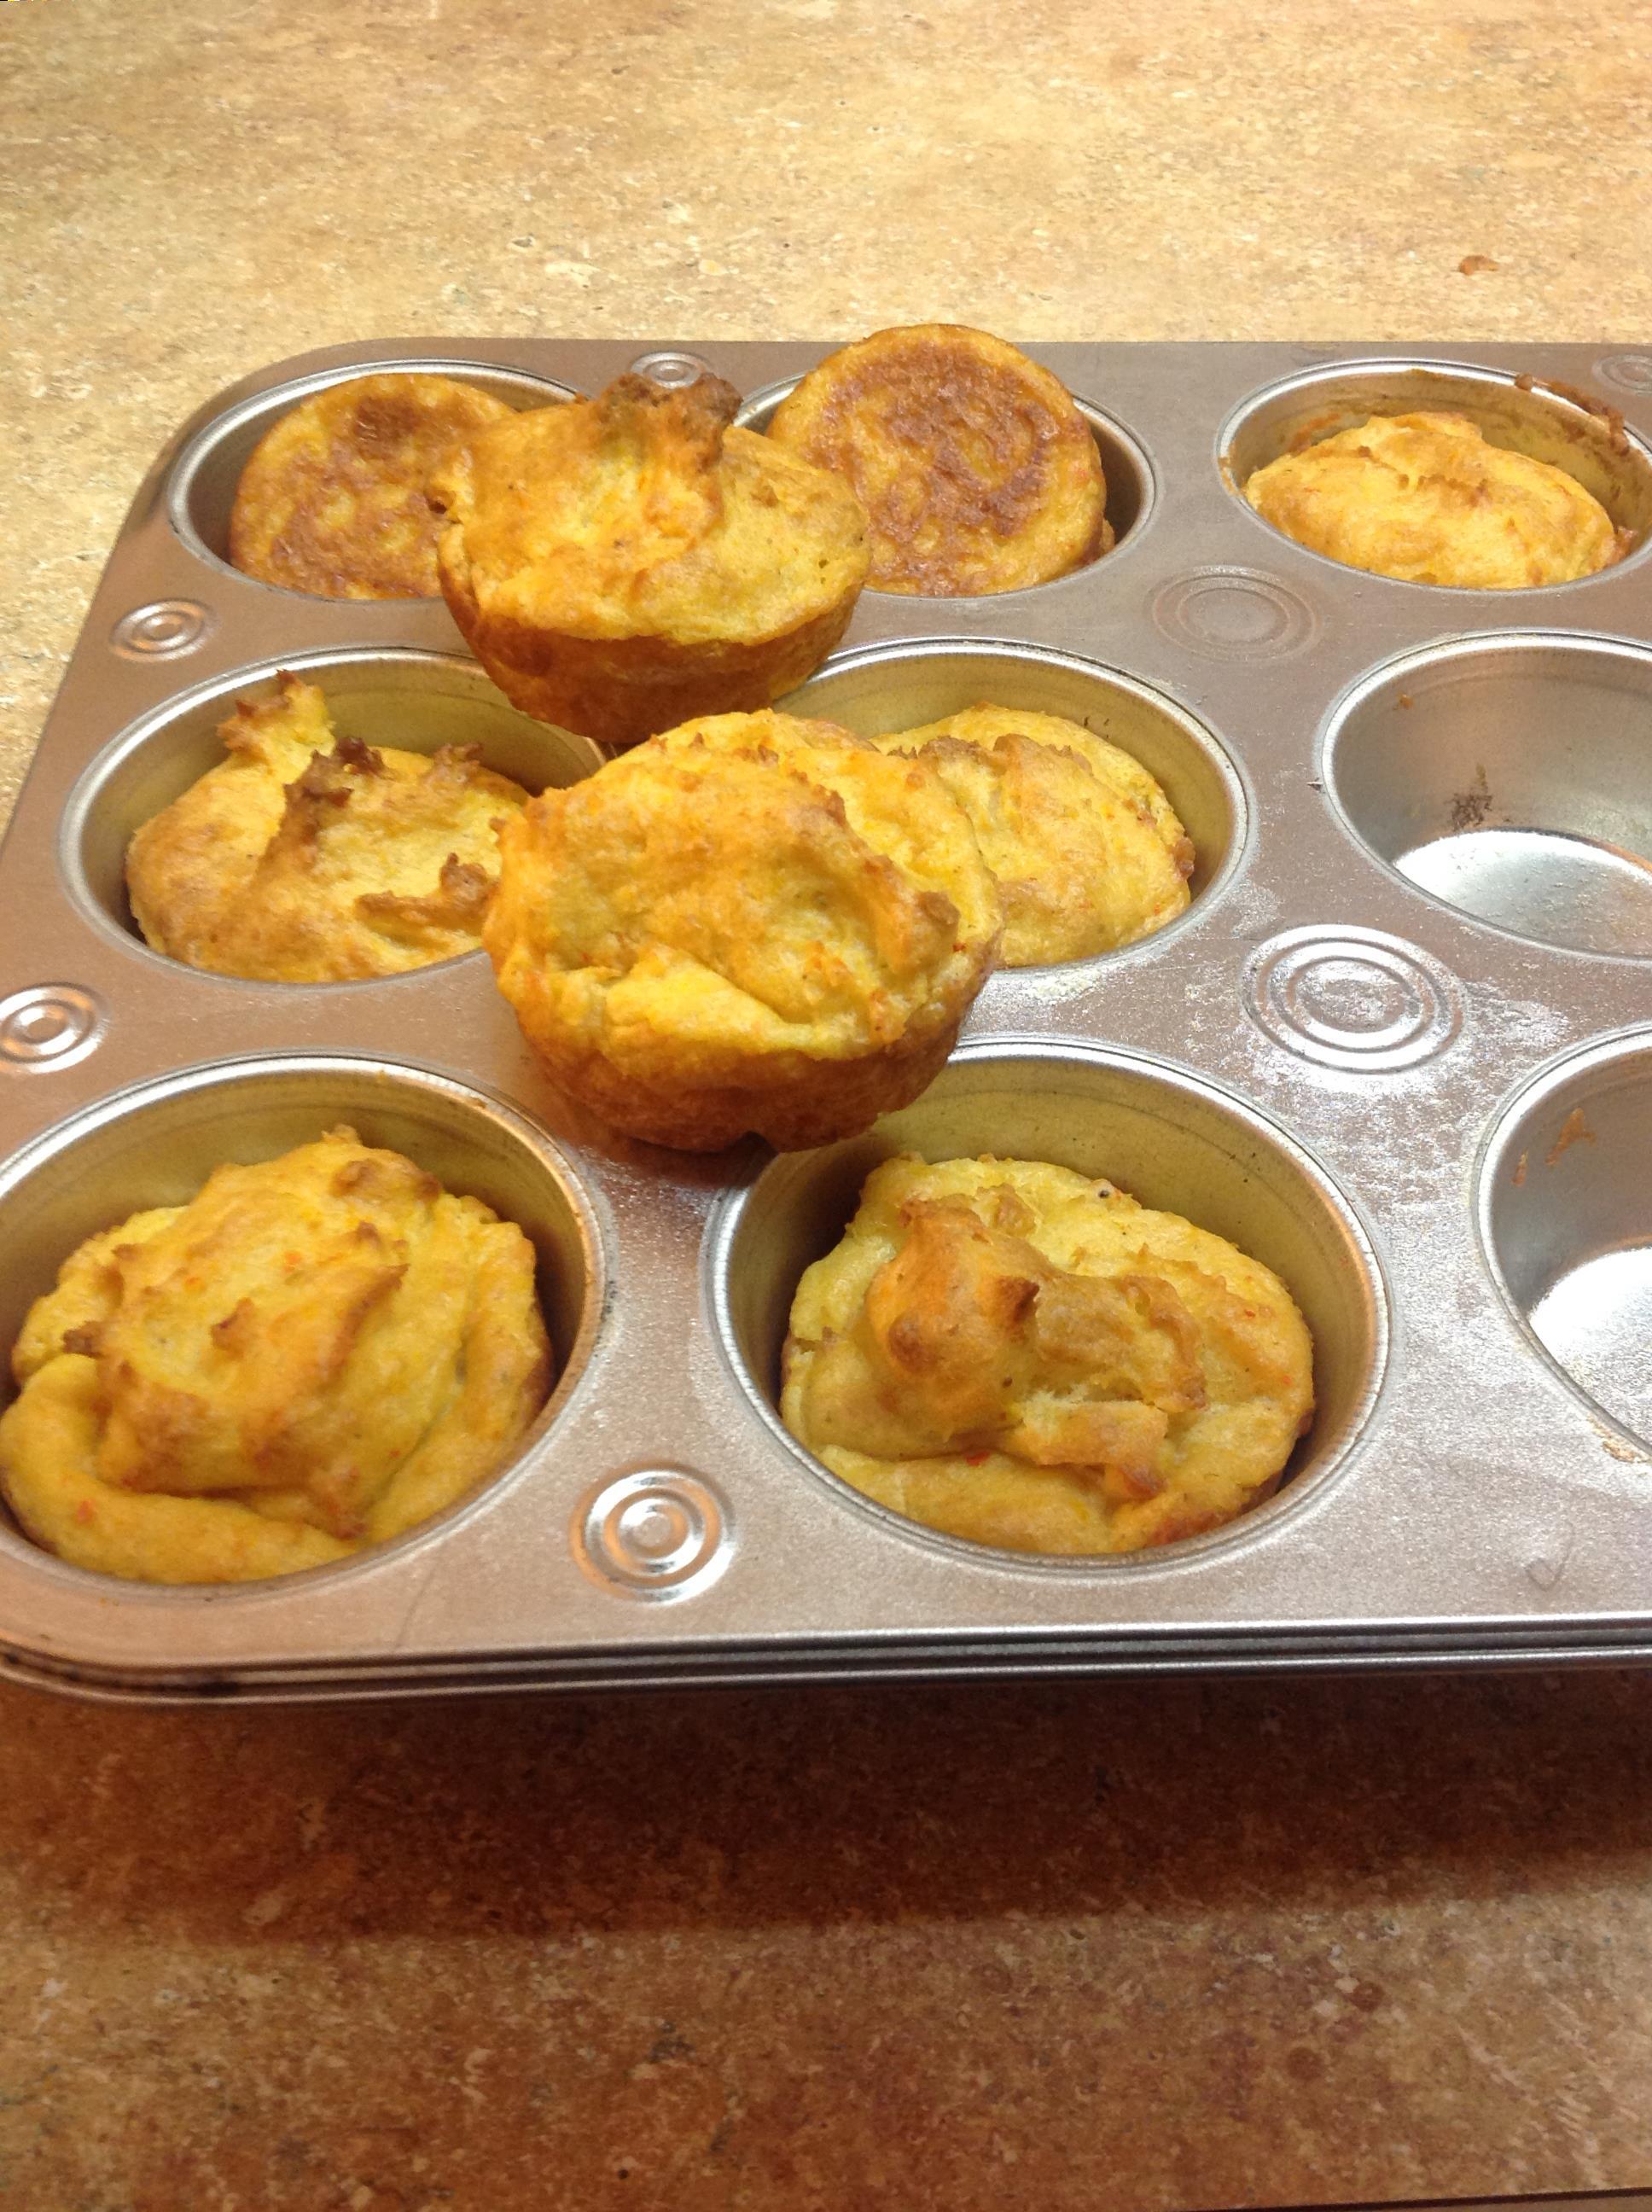 Baked Potato Puffs Jubilee Jhrung(Chang)